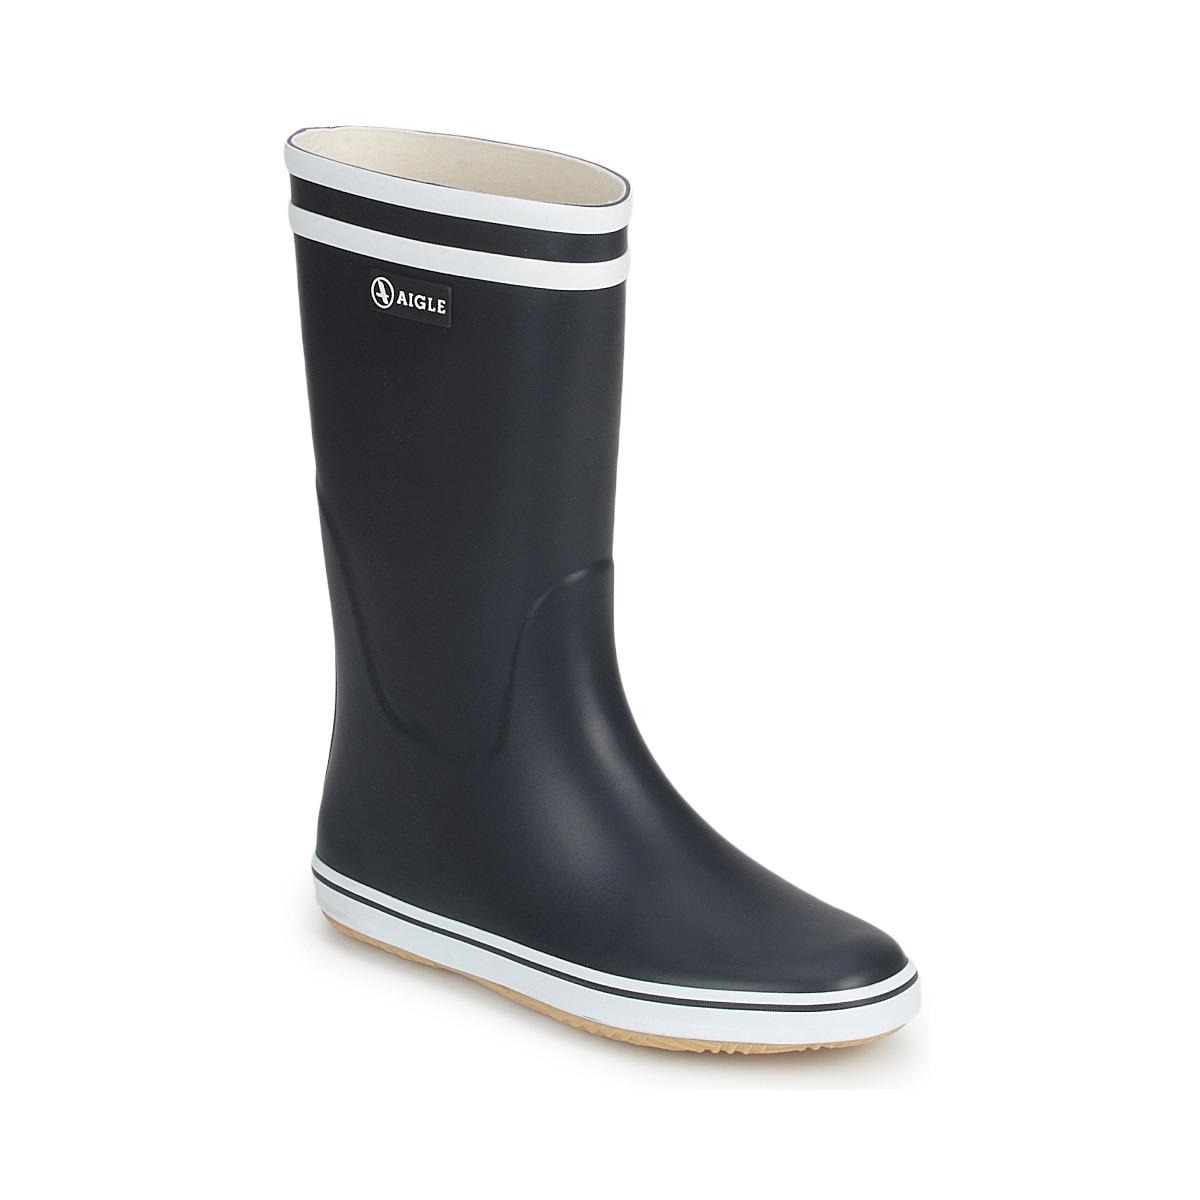 aigle malouine marine blanc livraison gratuite avec chaussures bottes de. Black Bedroom Furniture Sets. Home Design Ideas